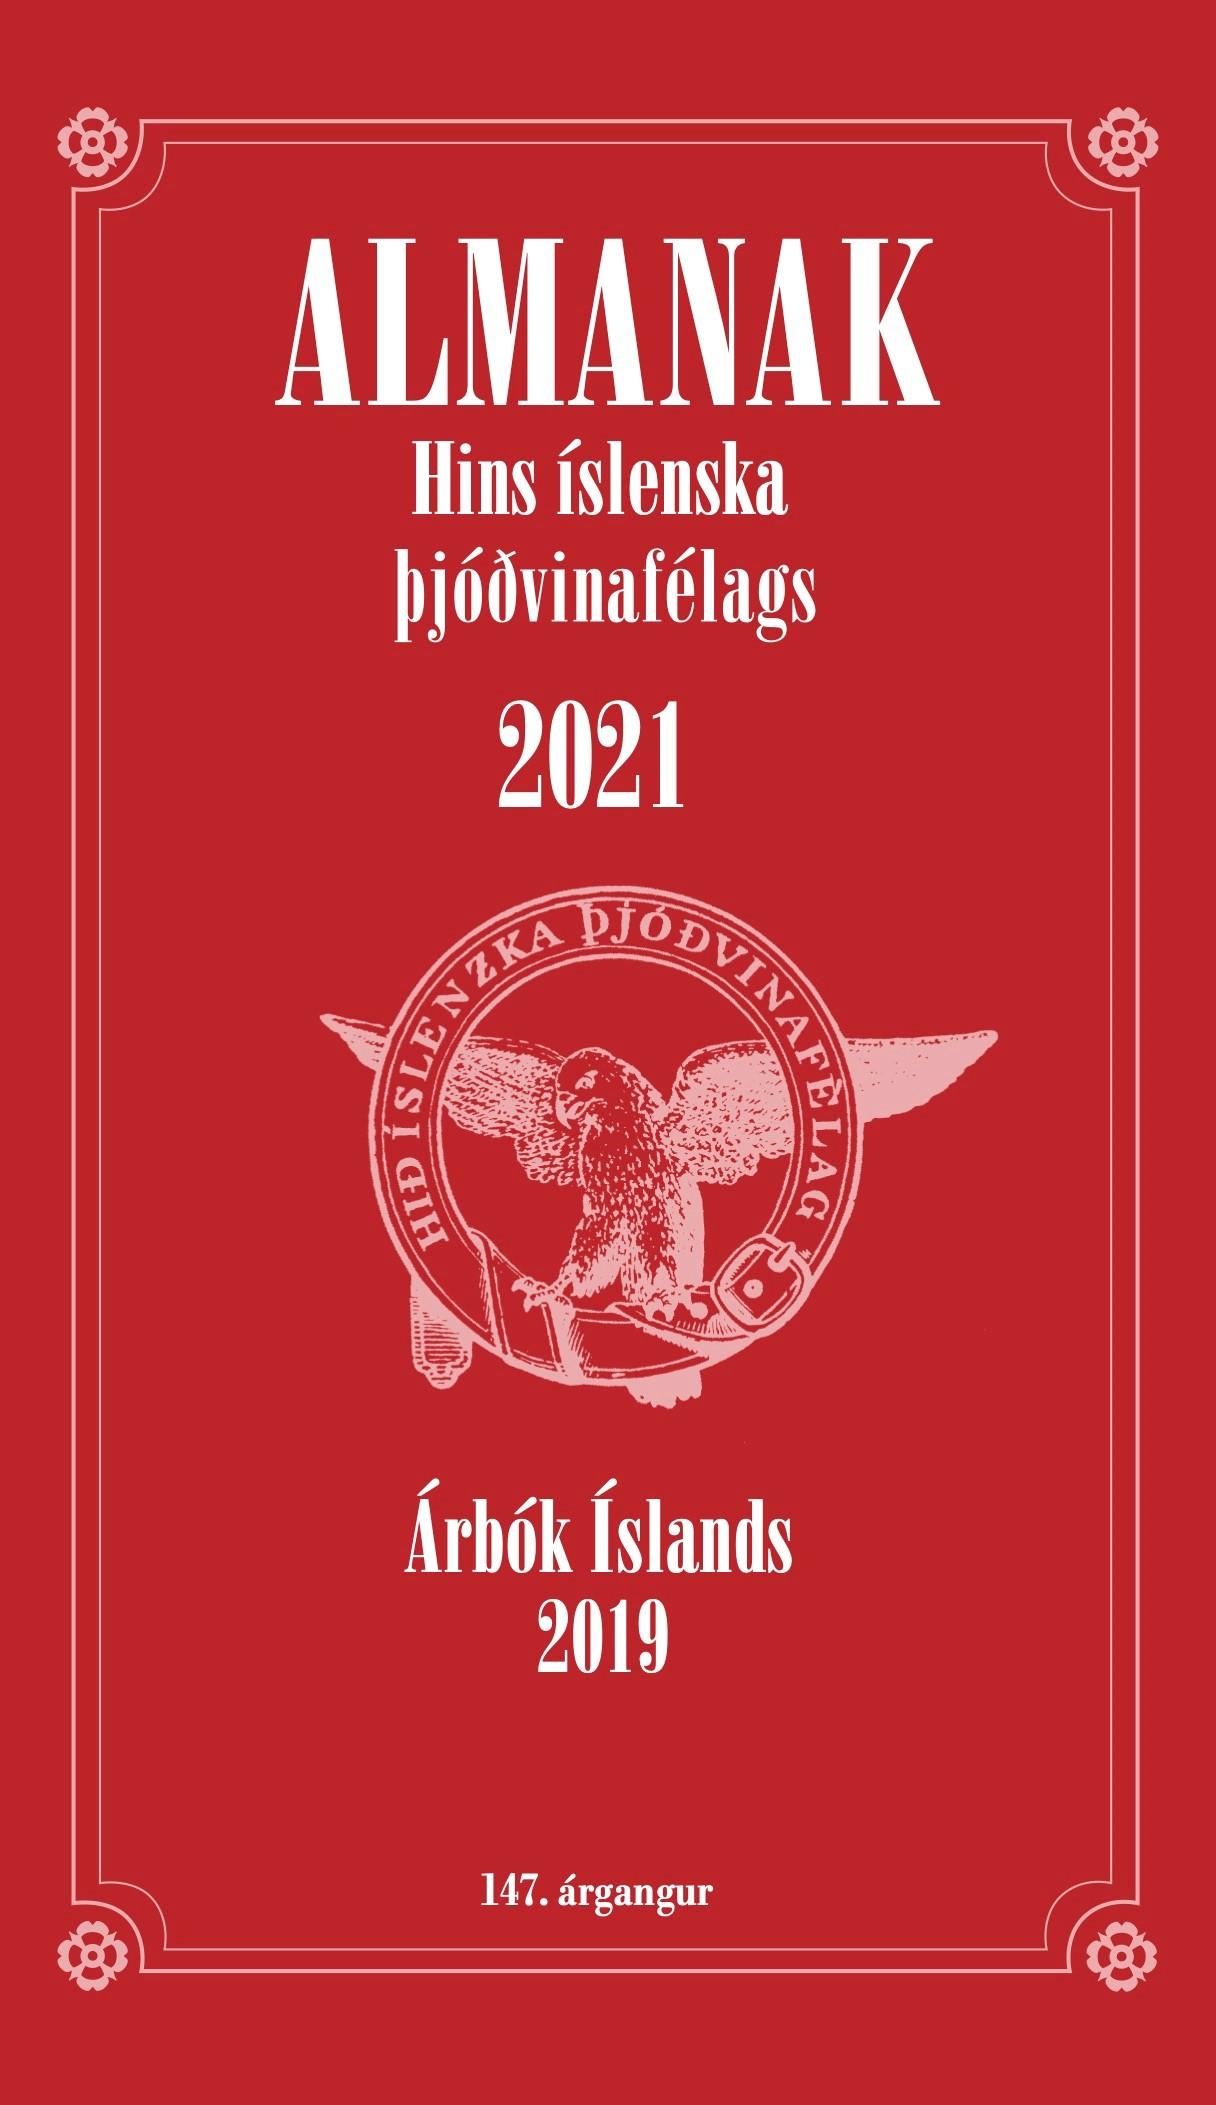 Almanak hins íslenska þjóðvinafélags 2021